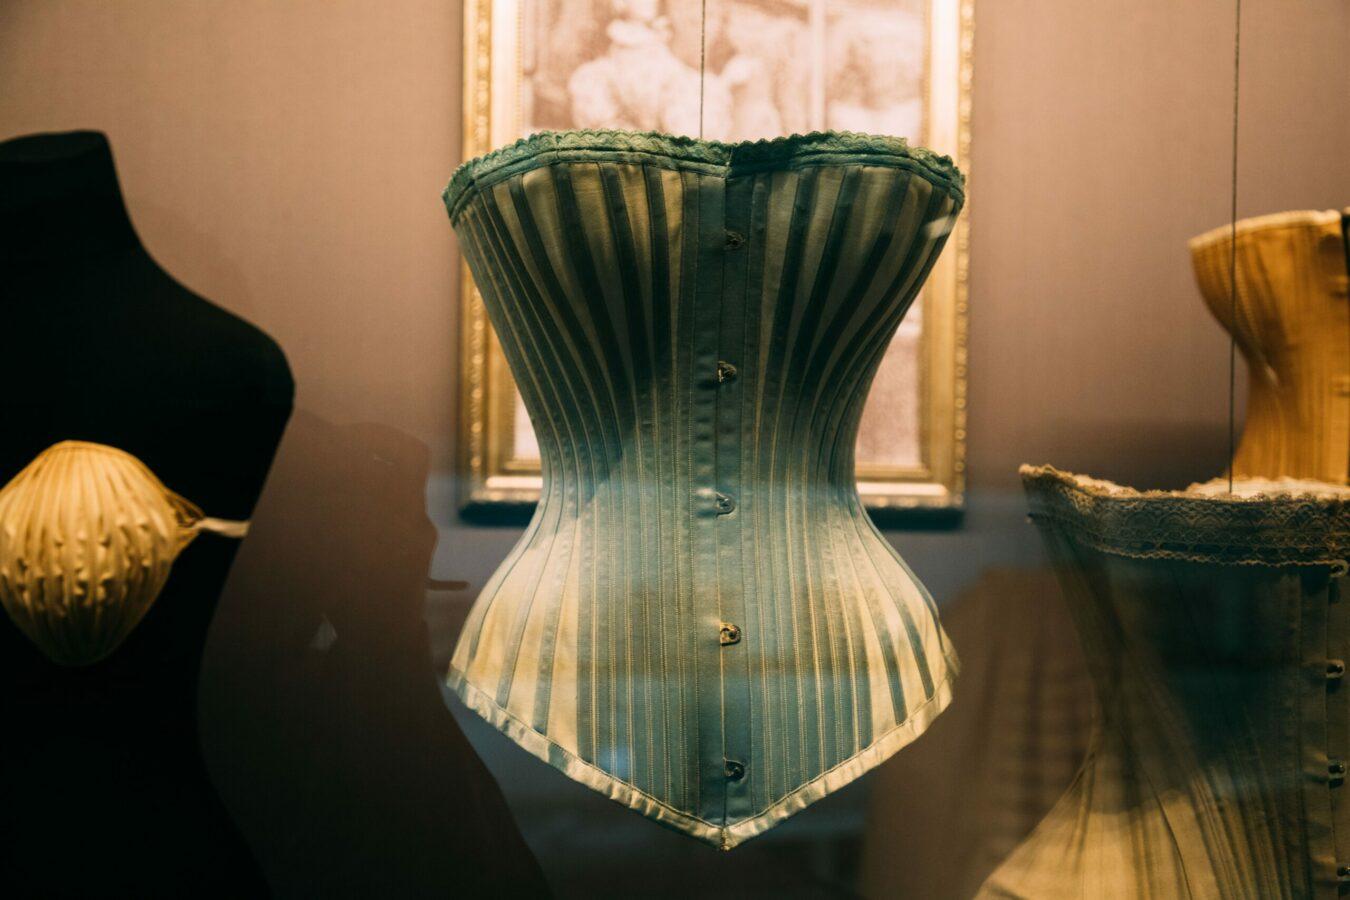 Le corset minceur : une tendance nocive pour la santé qui influence toute une génération ?